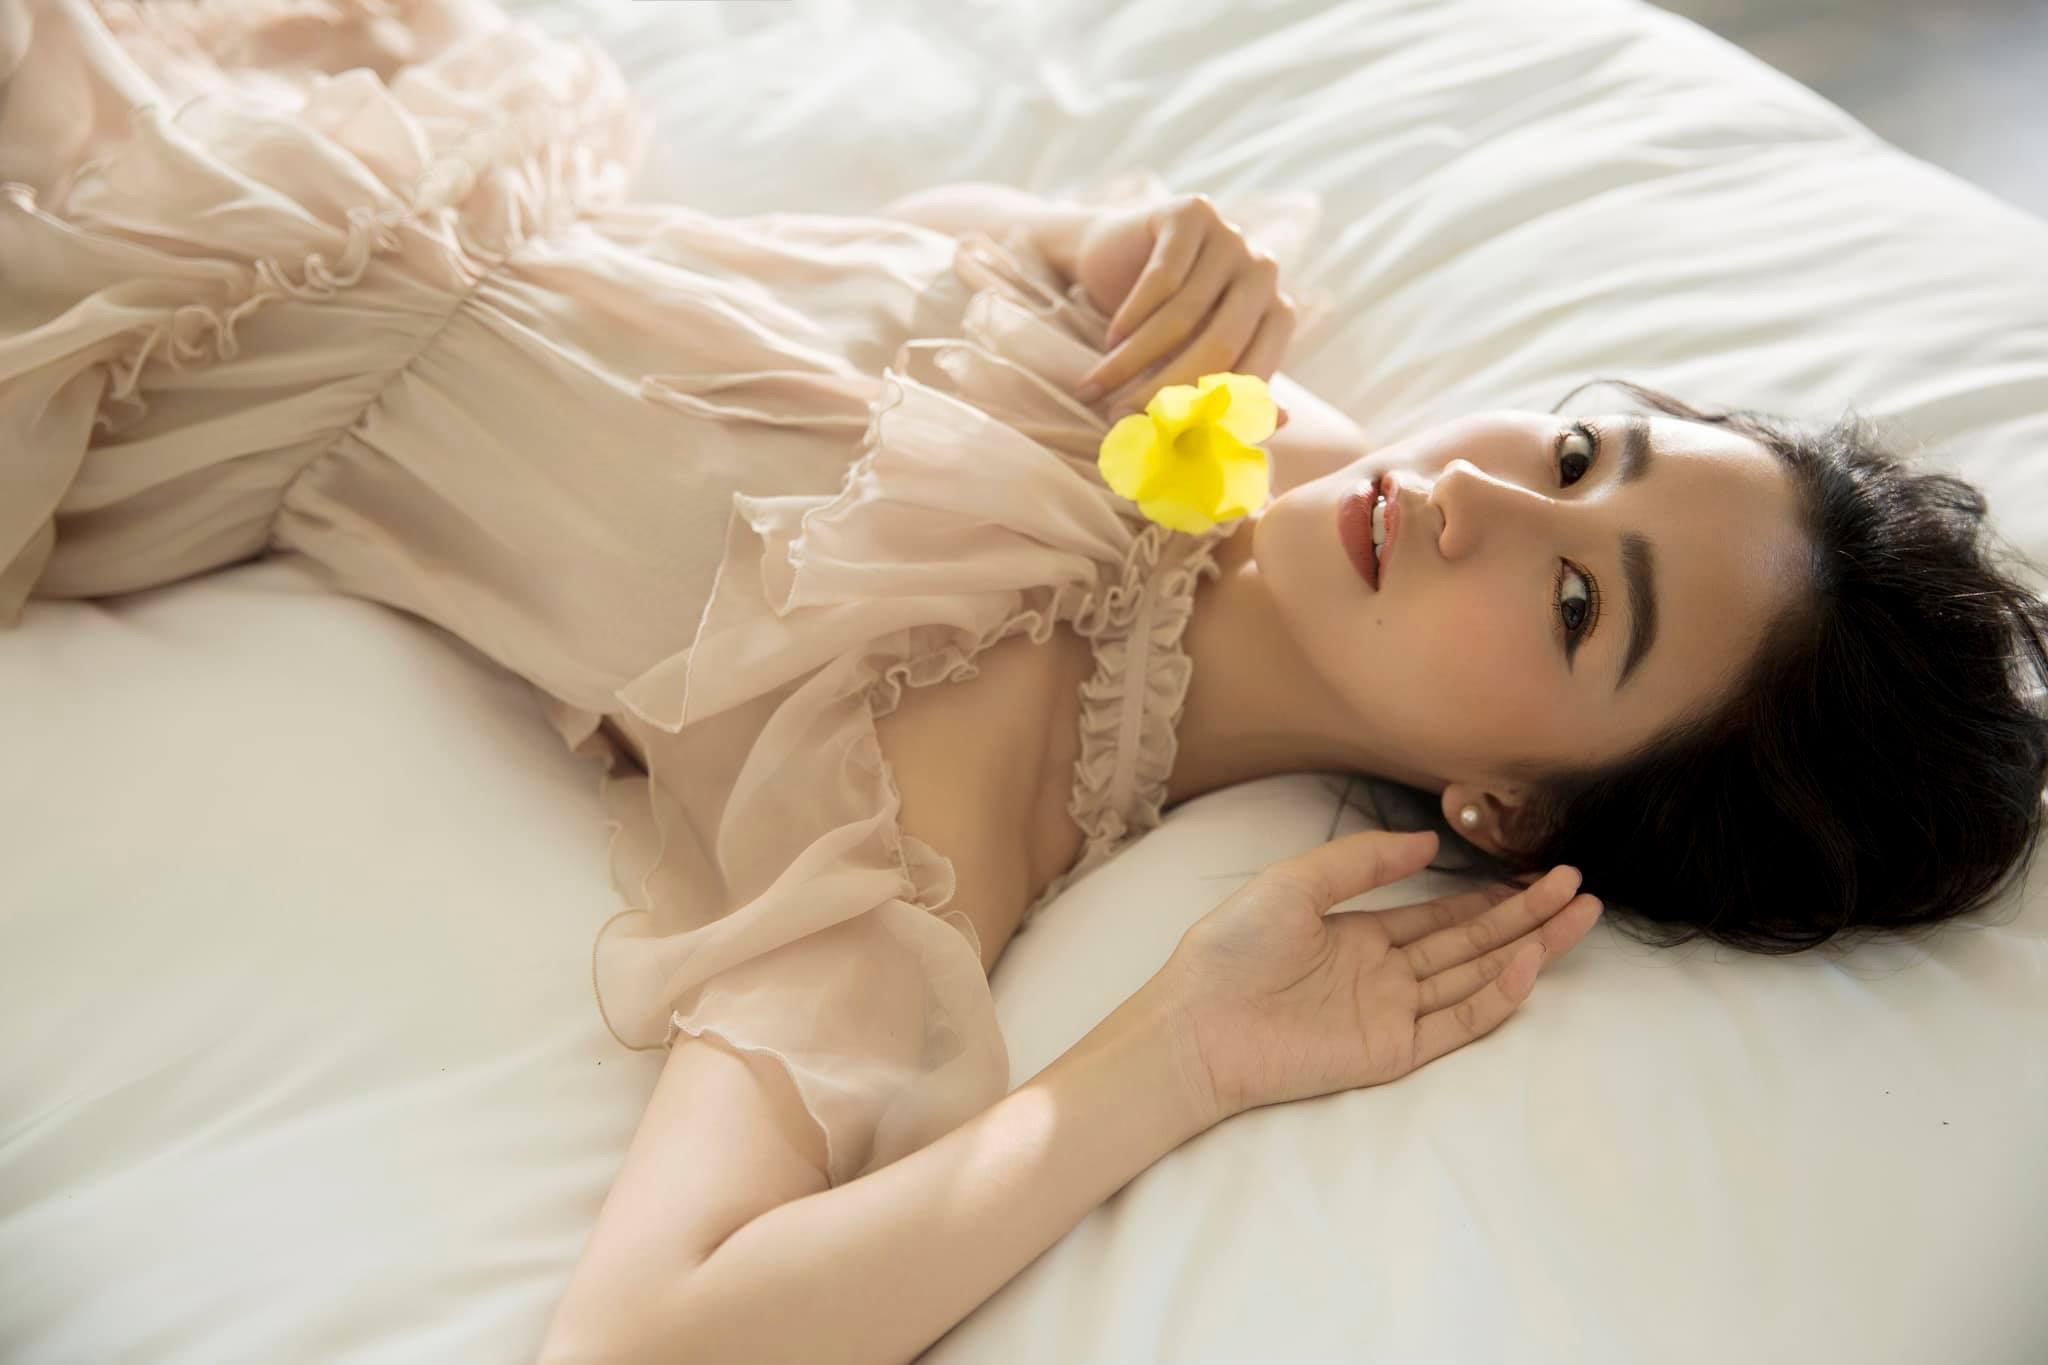 Các cô gái Huế xinh đẹp, sang chảnh toàn Á hậu, người mẫu nổi tiếng Ảnh 11